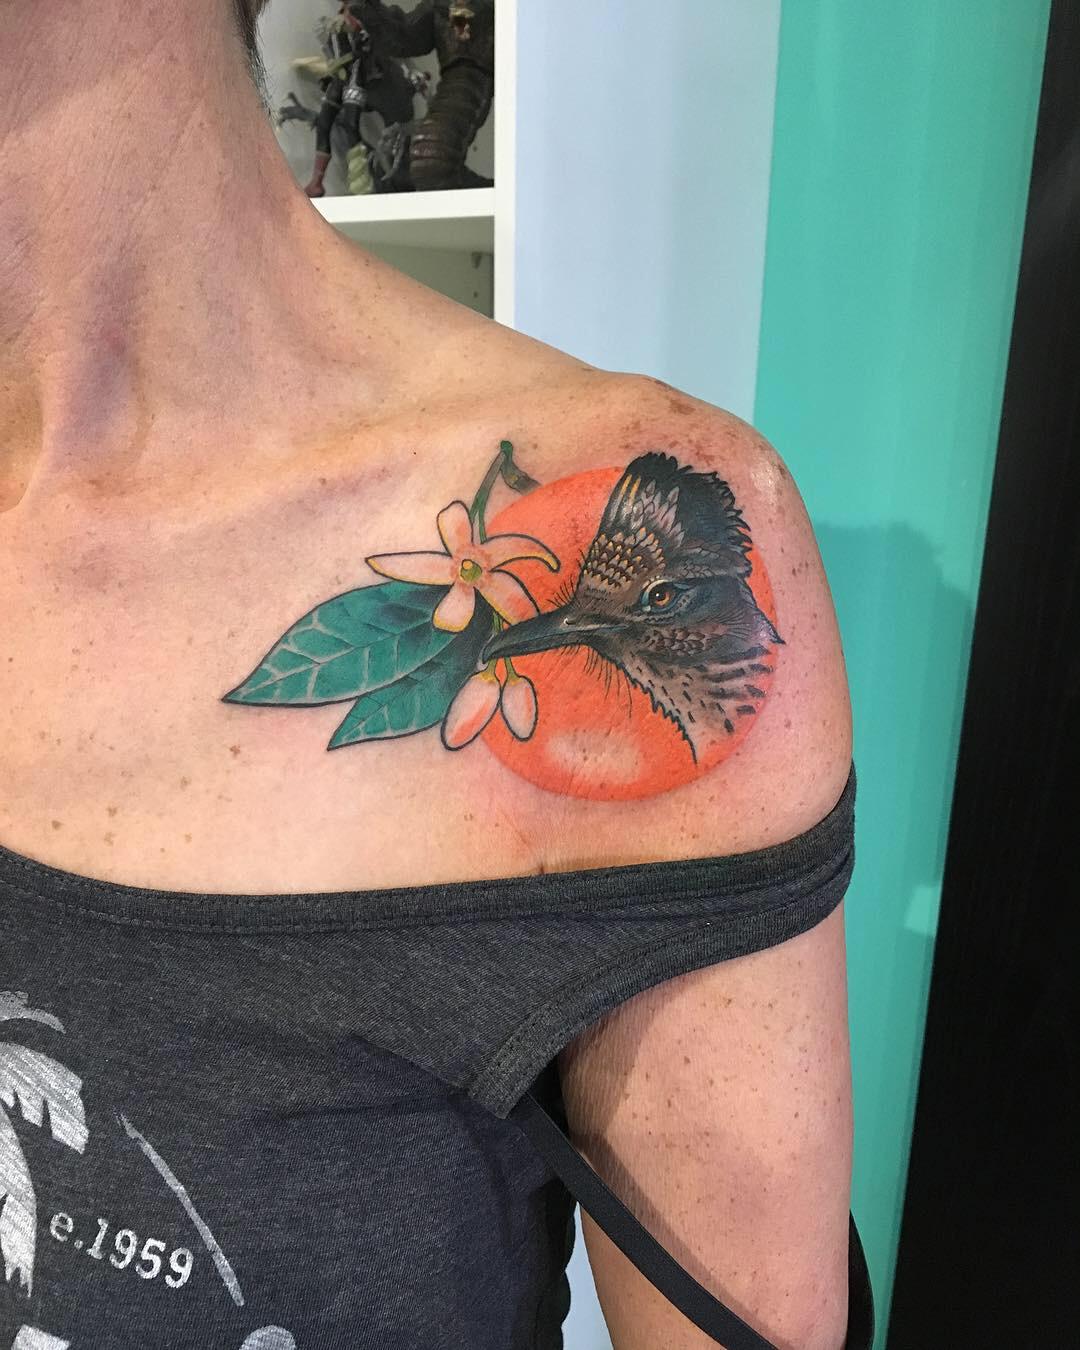 Brendan Browne Tattoo 2019 Okanagan Tattoo Show & Brewfest Artist